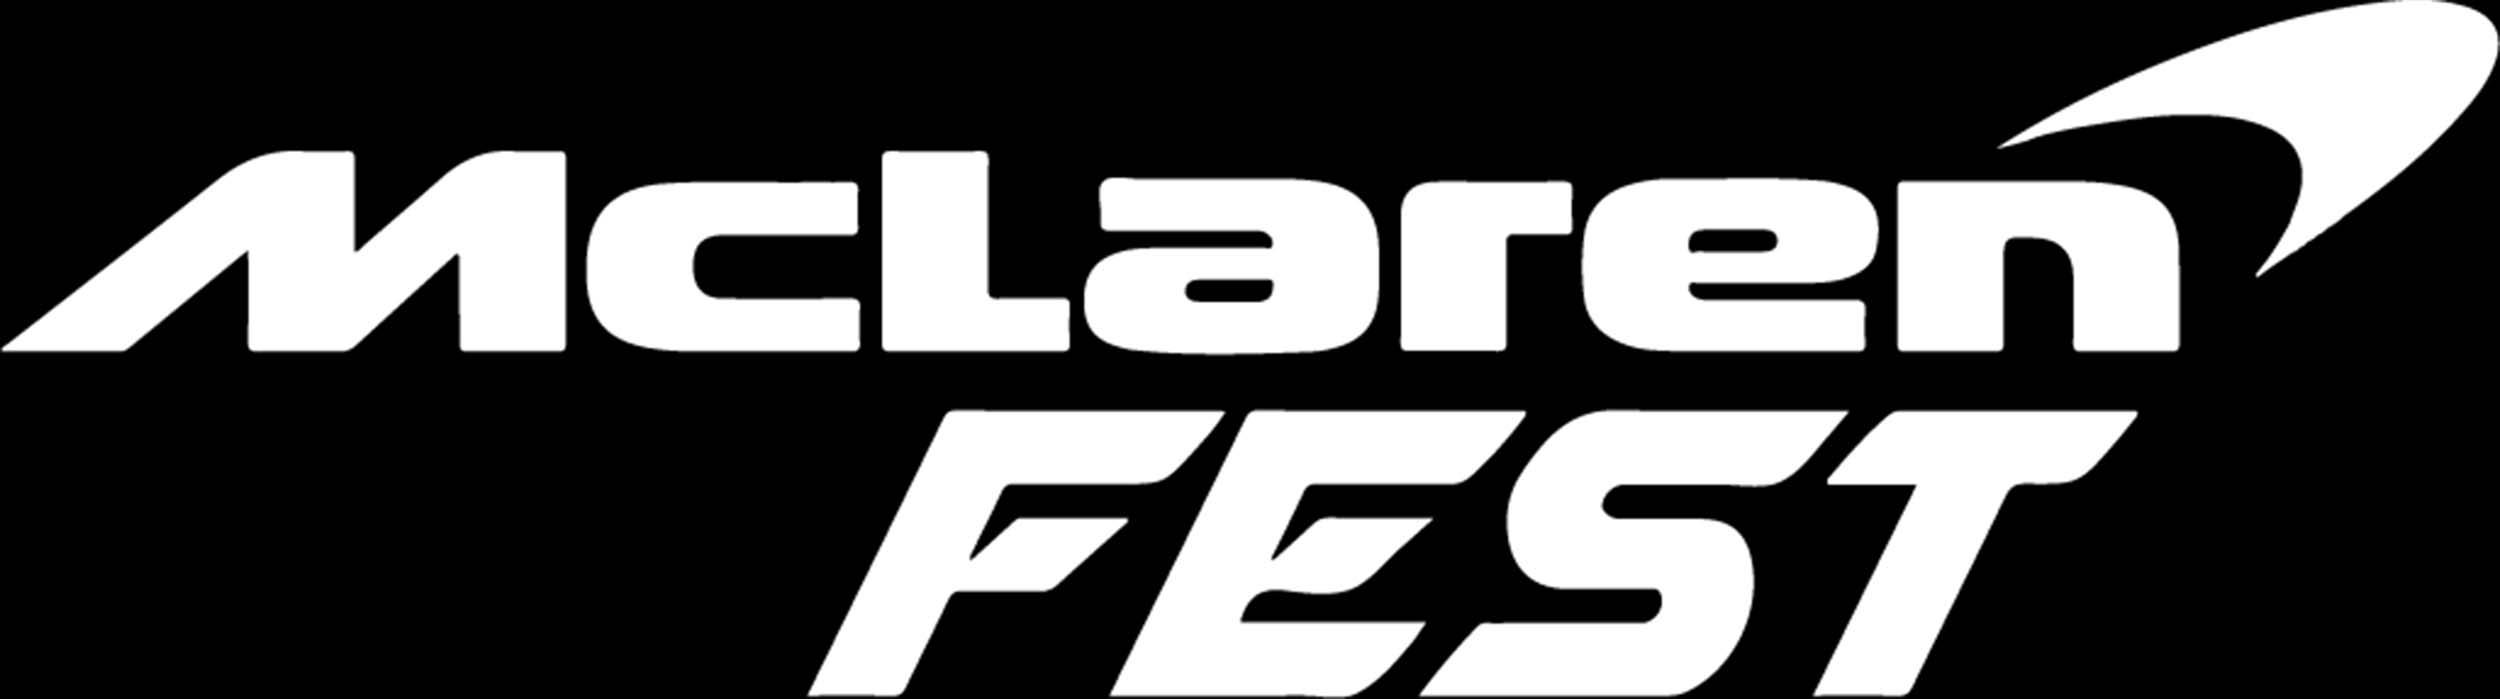 McLaren FEST